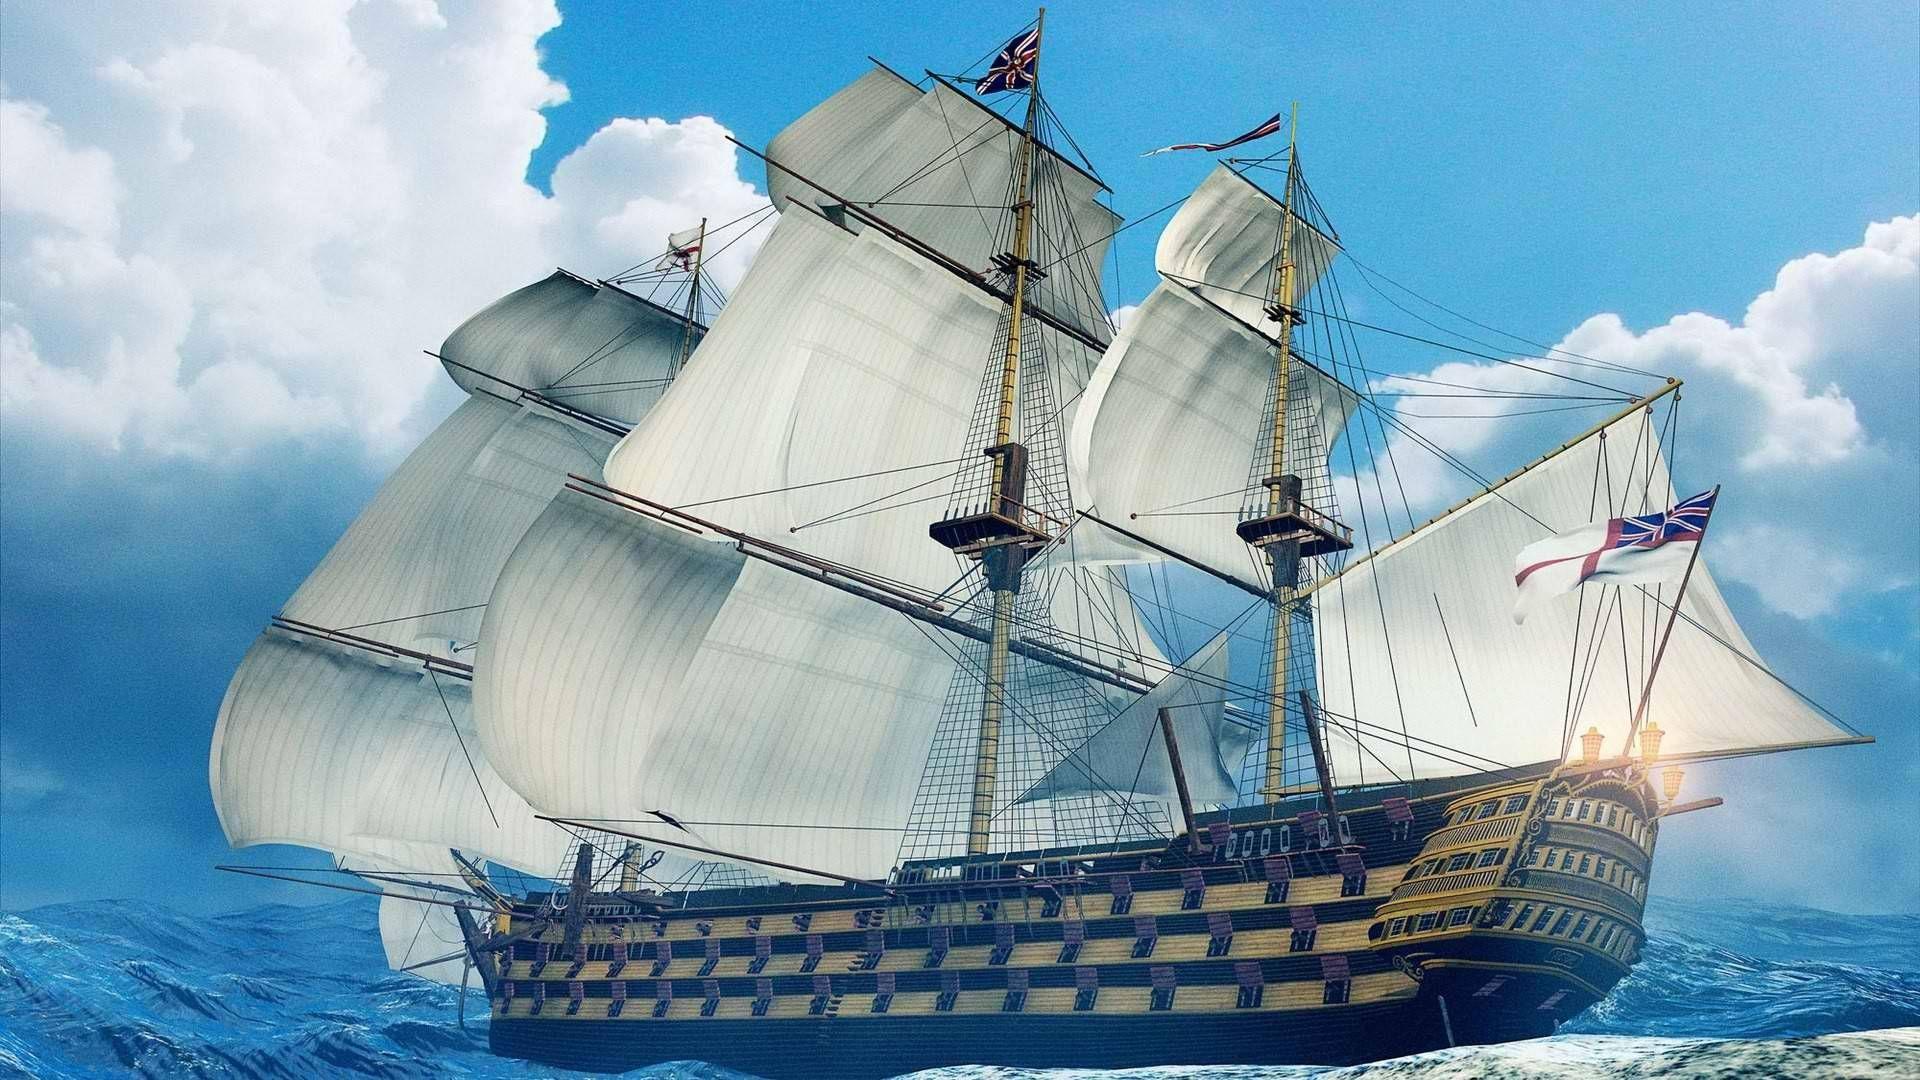 Art HD Ship Wallpaper 1920×1080 Beautiful Ship Image http